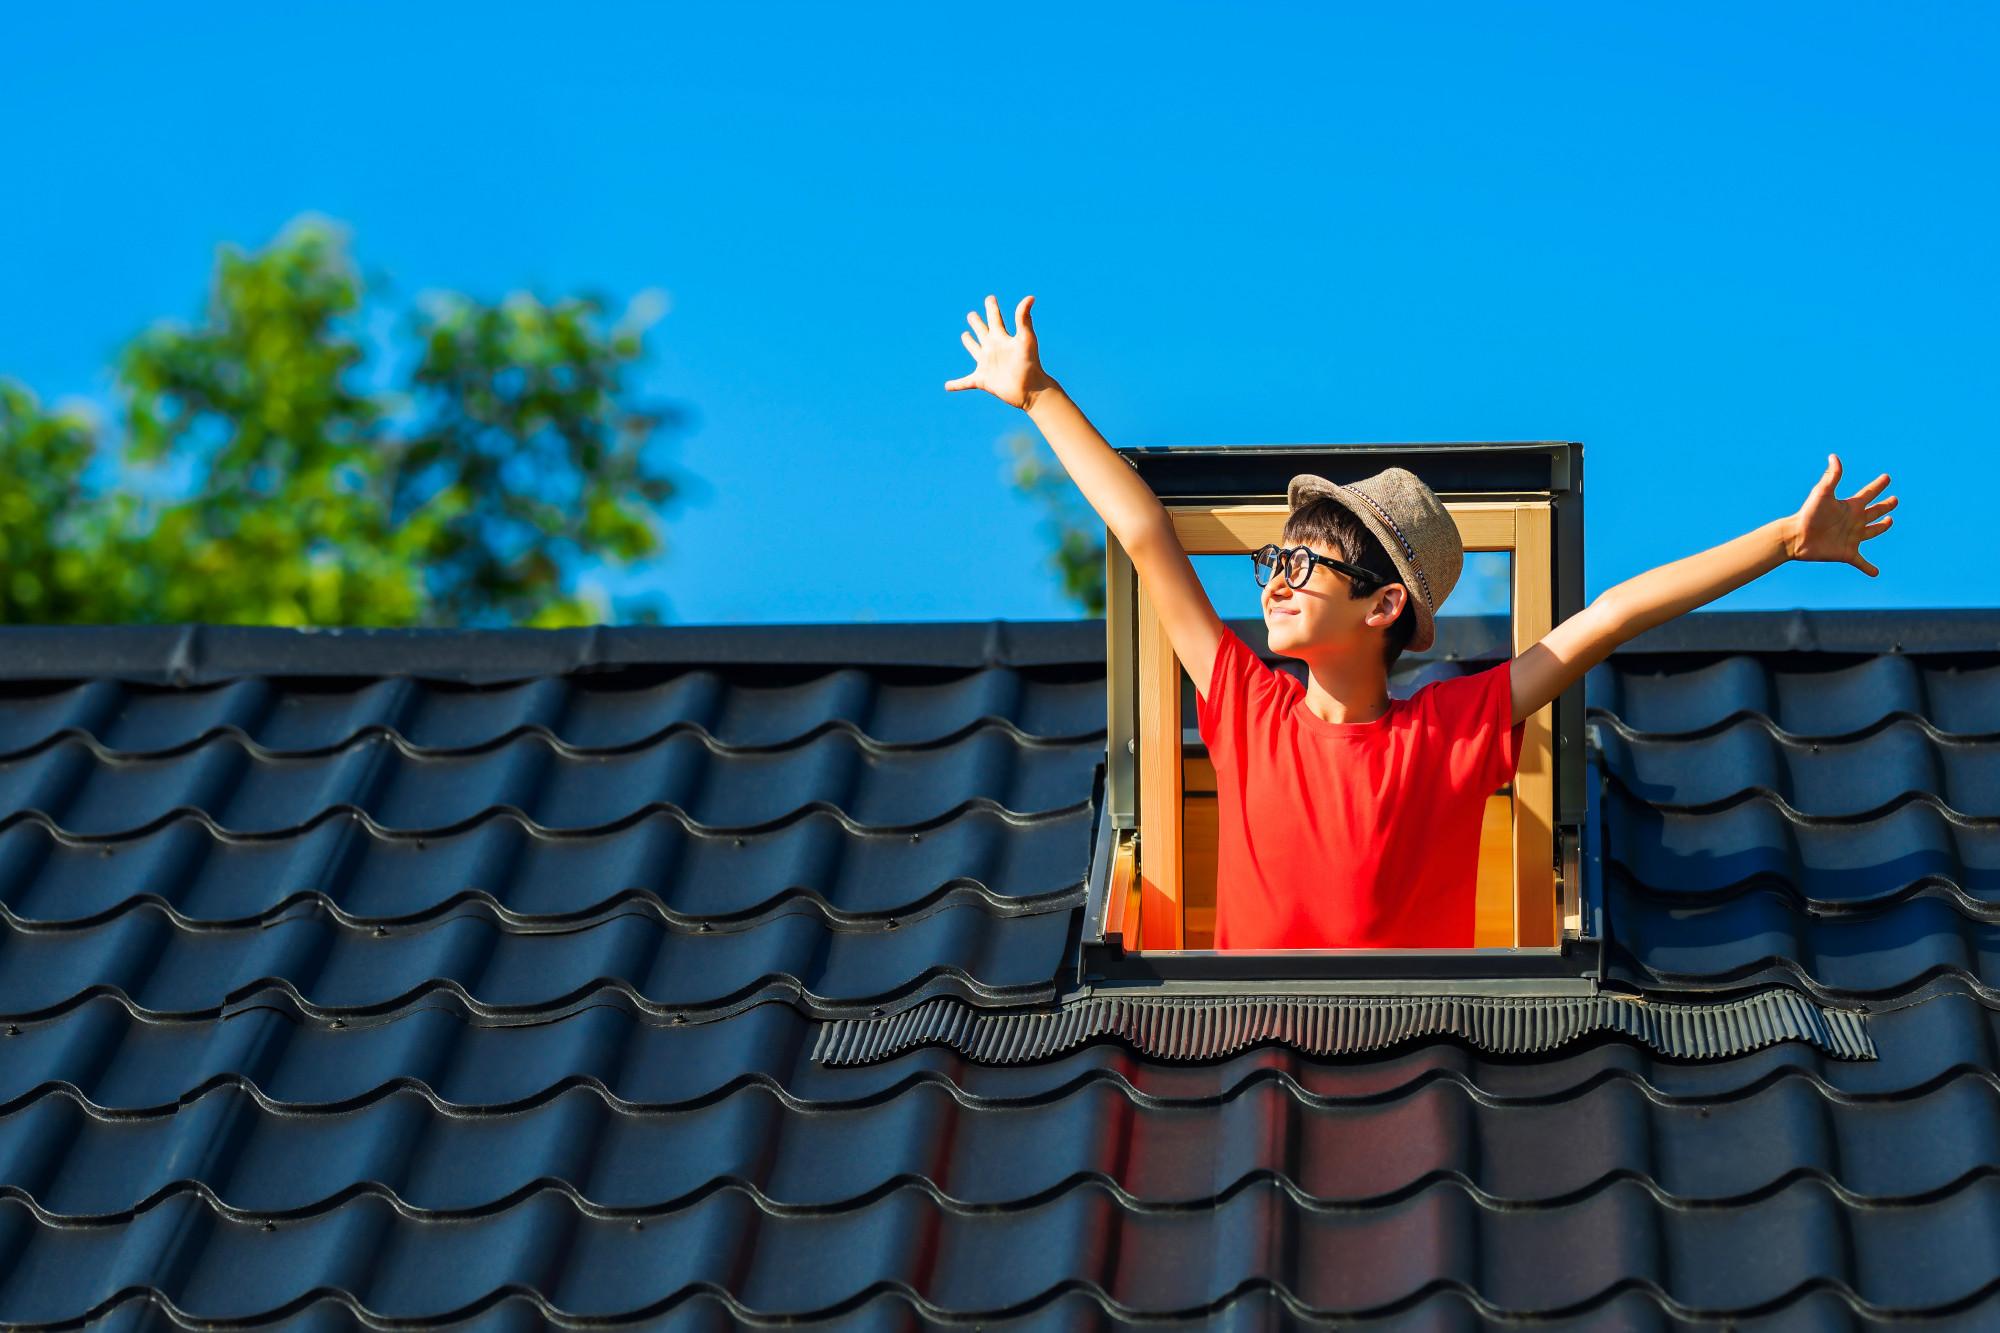 dachfenster-mit-junge-small